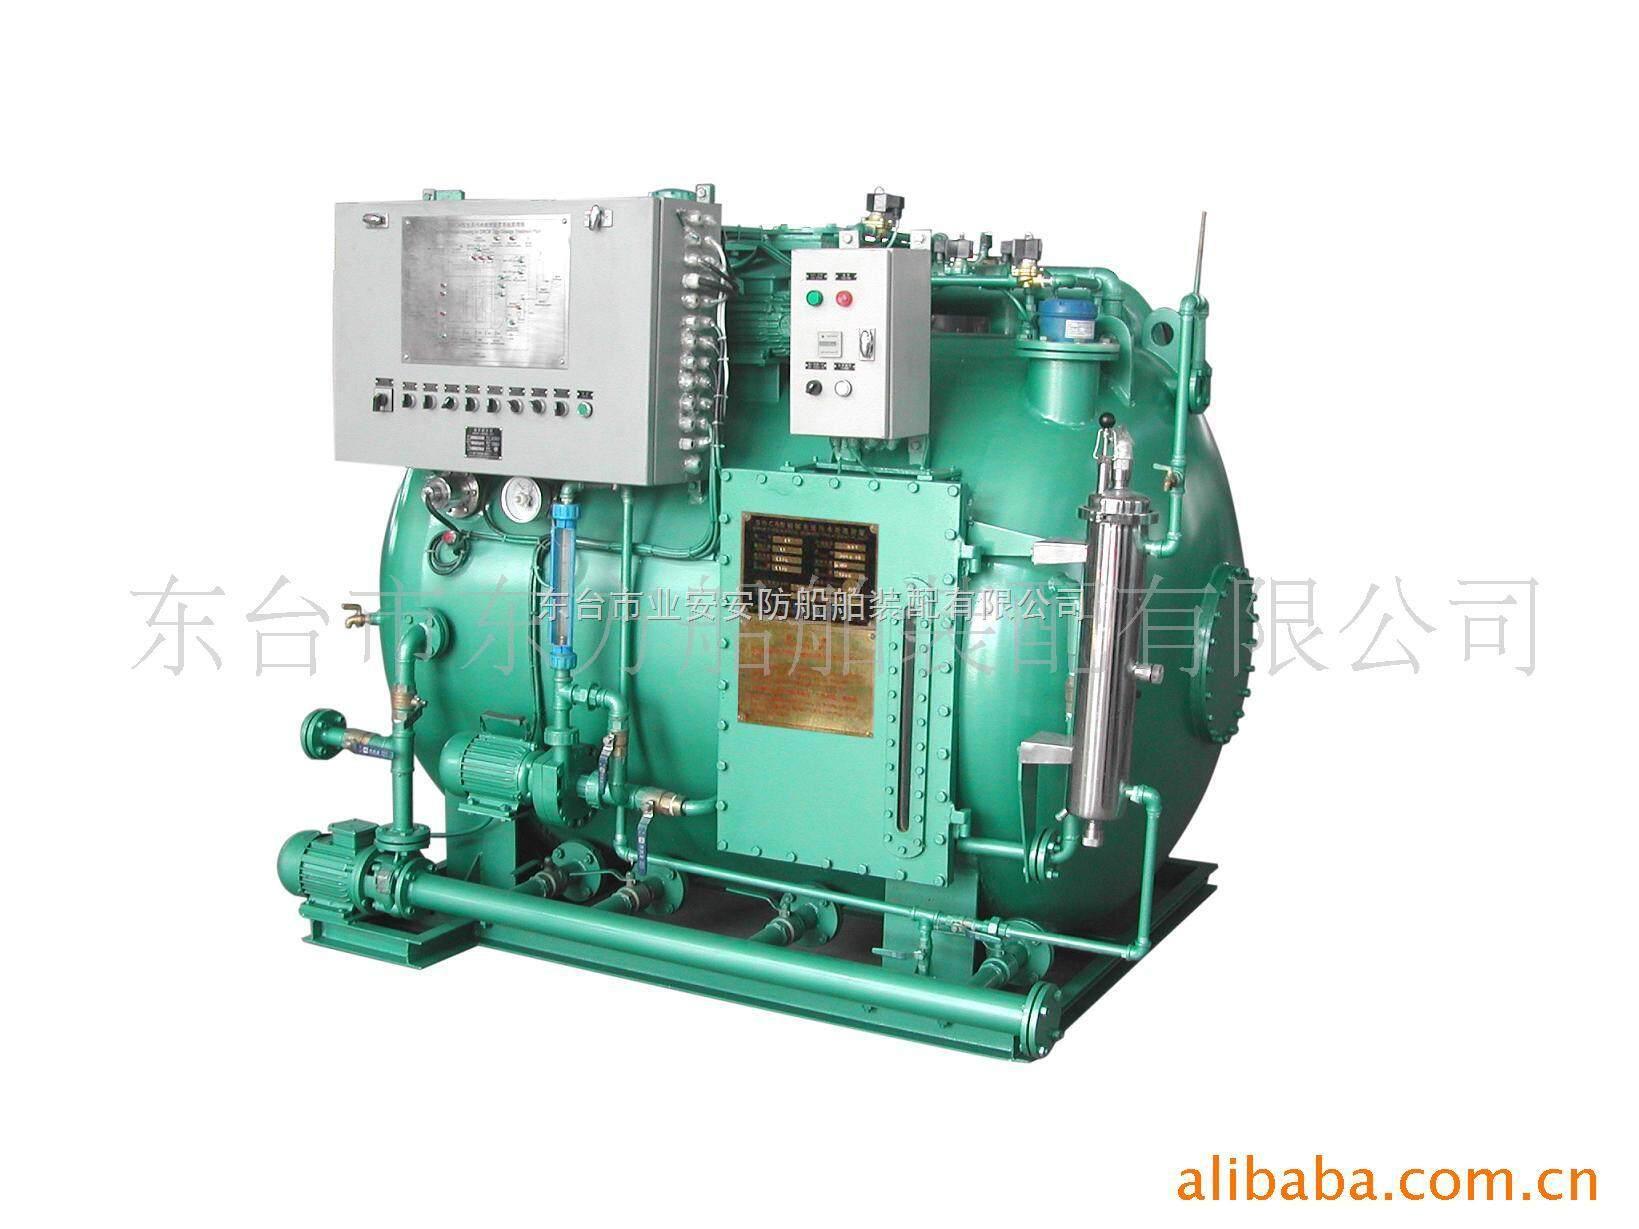 海南新型SWCM型膜法生活污水处理装置